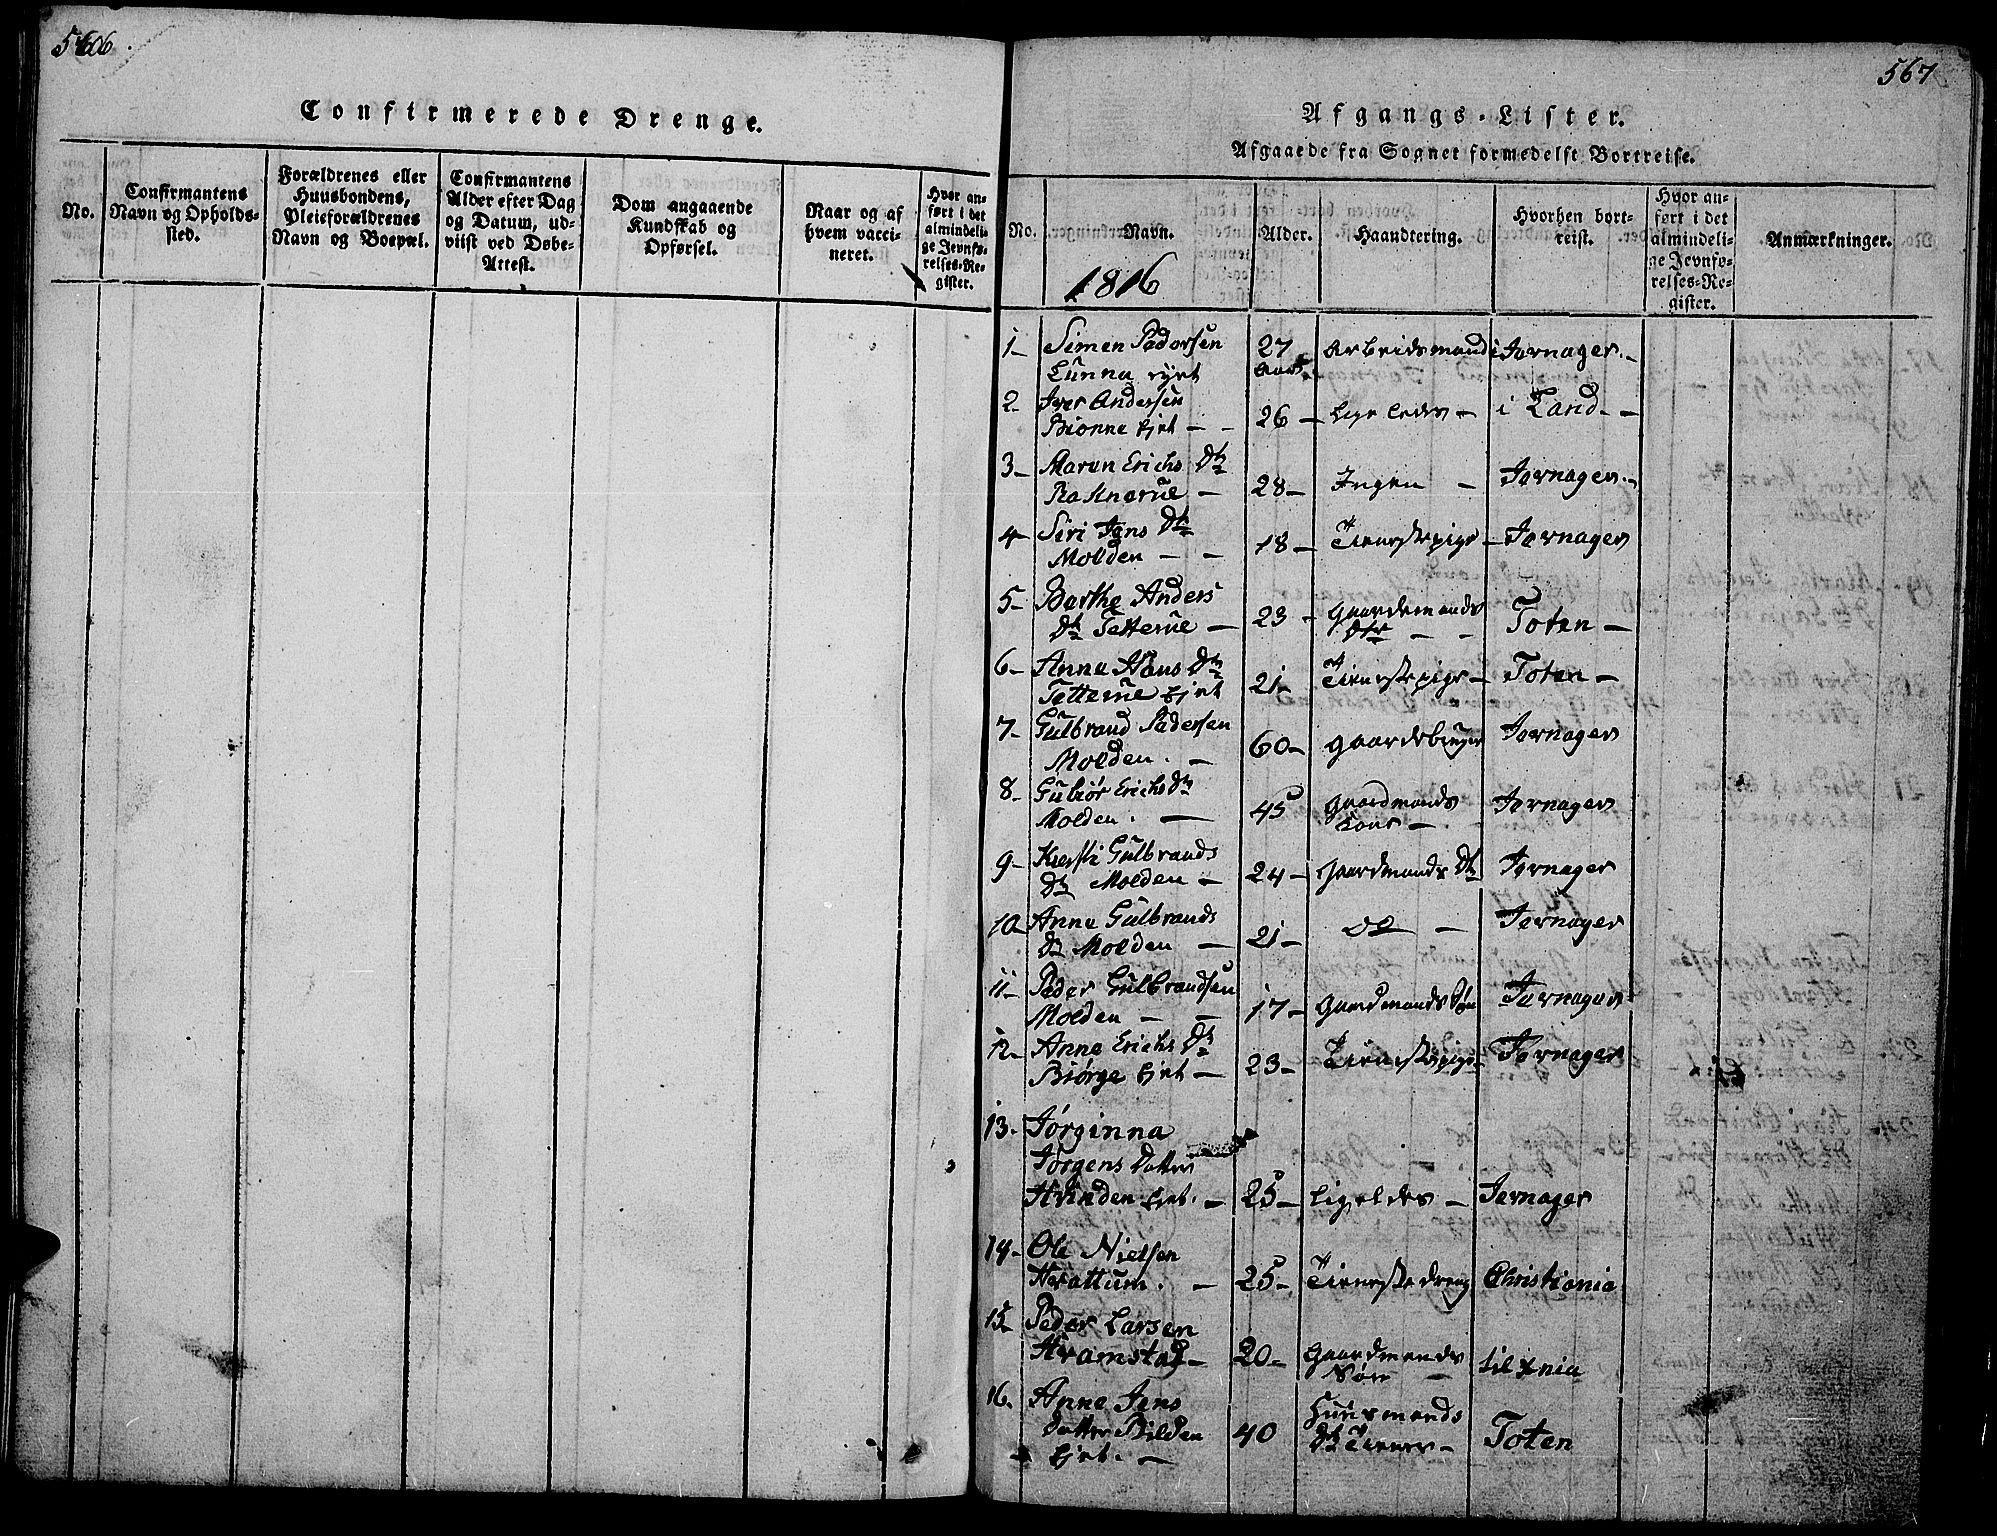 SAH, Gran prestekontor, Klokkerbok nr. 1, 1815-1824, s. 566-567